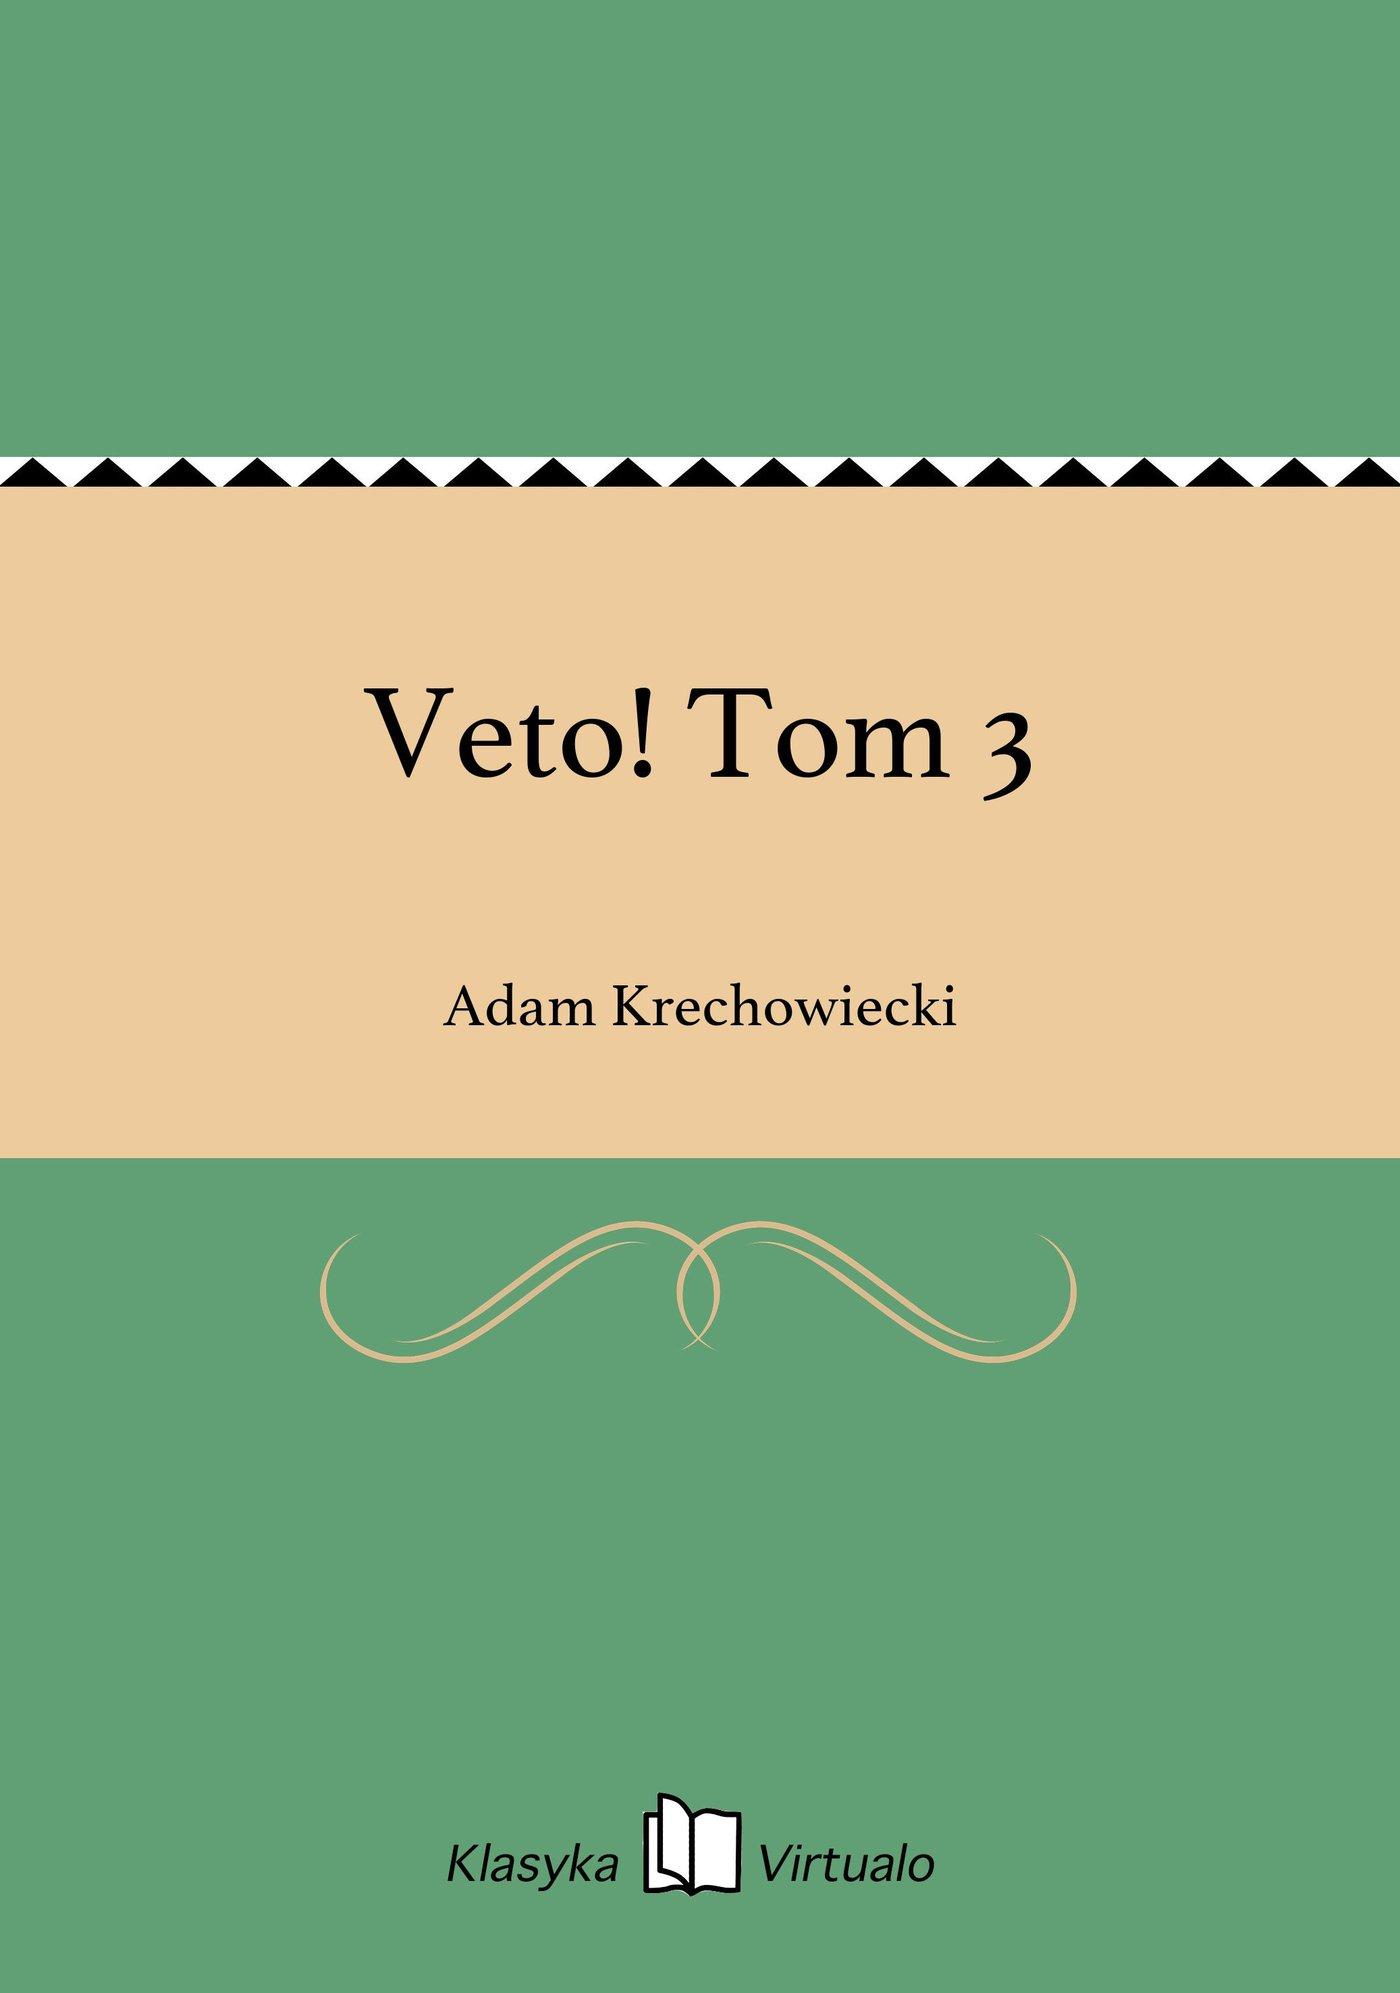 Veto! Tom 3 - Ebook (Książka EPUB) do pobrania w formacie EPUB